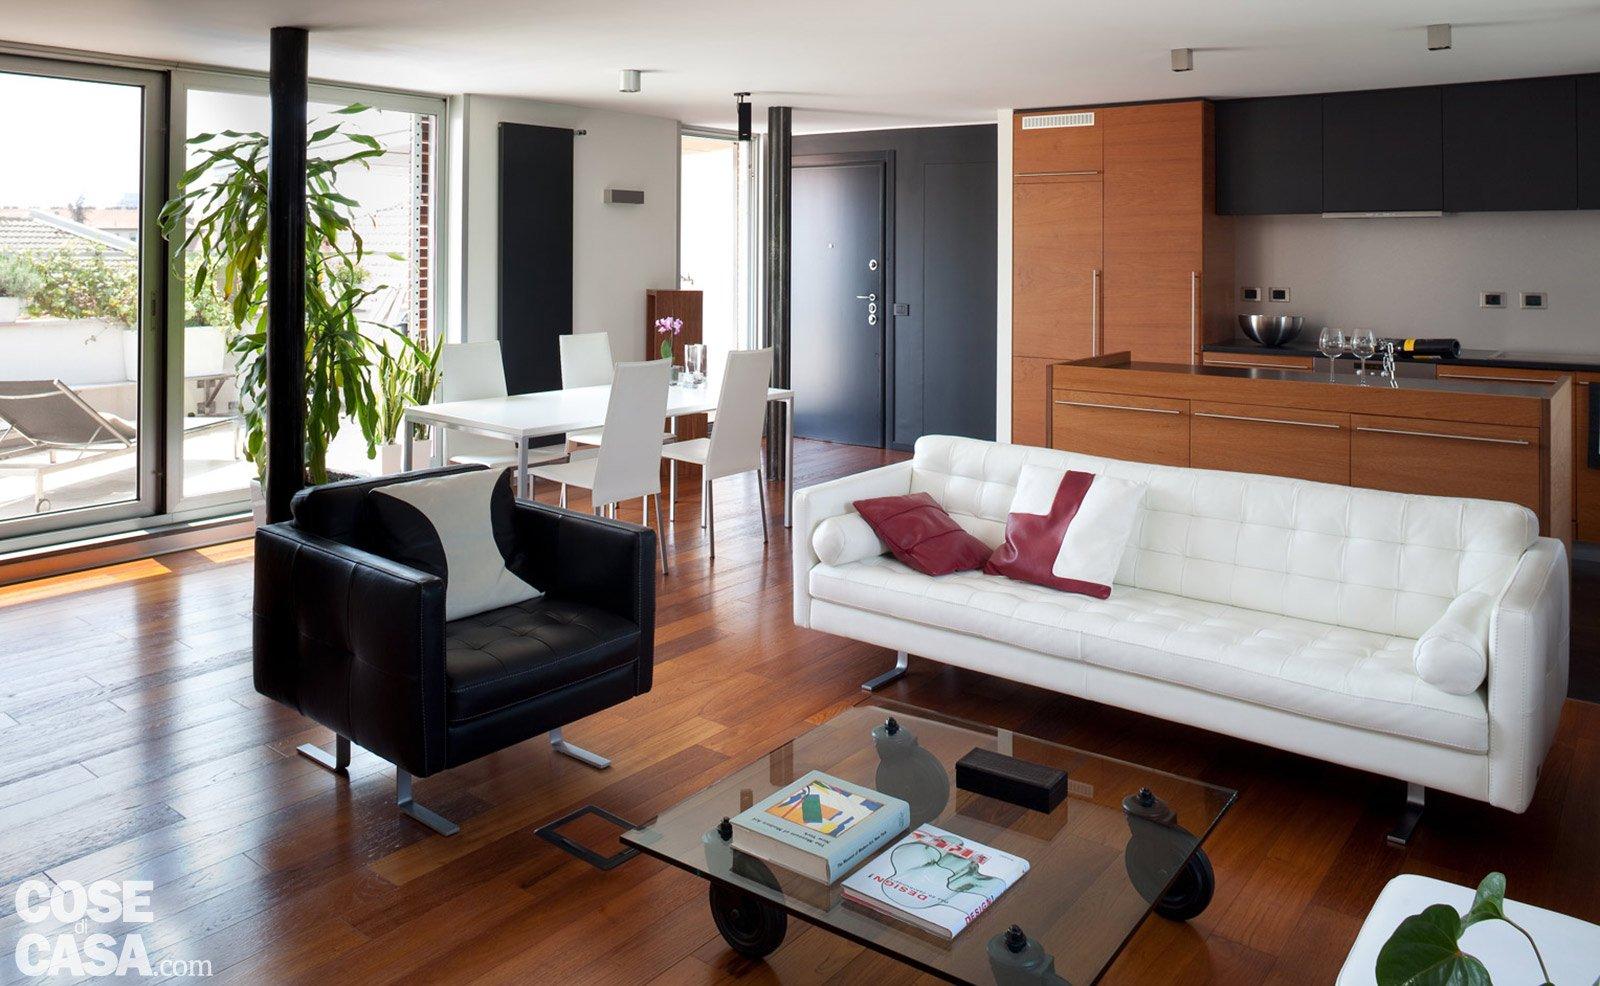 Pareti Arredo Soggiorno: Mobile soggiorno zen evo comp. Imbiancare ...